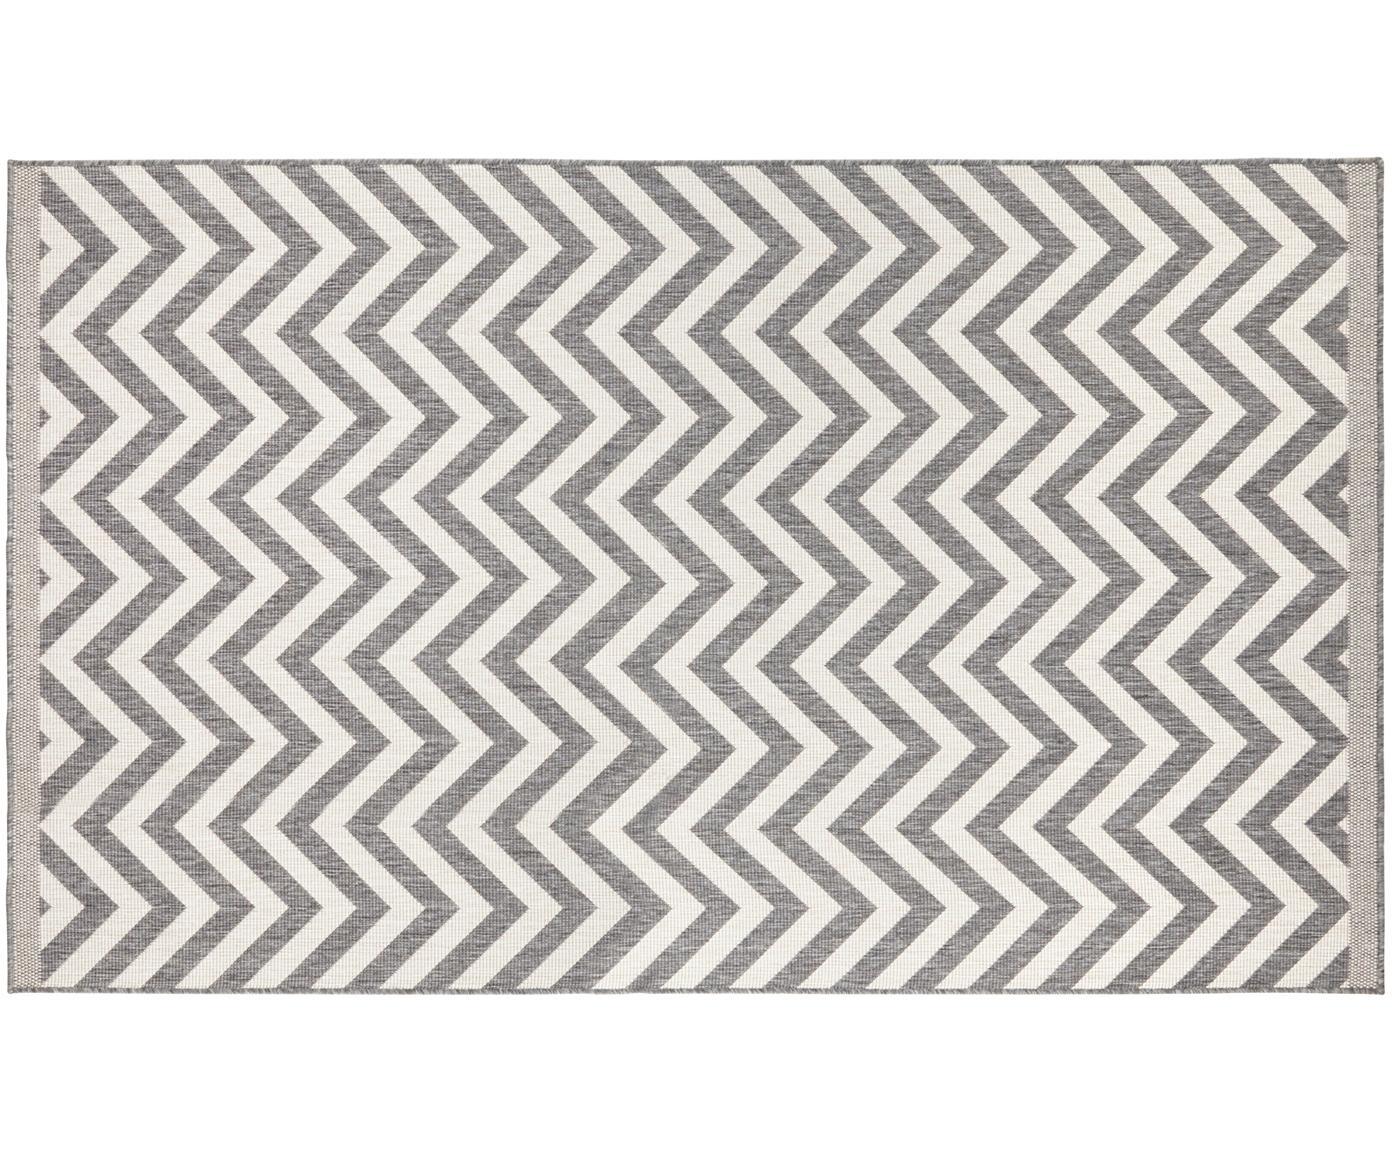 Alfombra reversible de interior/exterior Palma, Gris, crema, An 80 x L 150 cm (Tamaño XS)